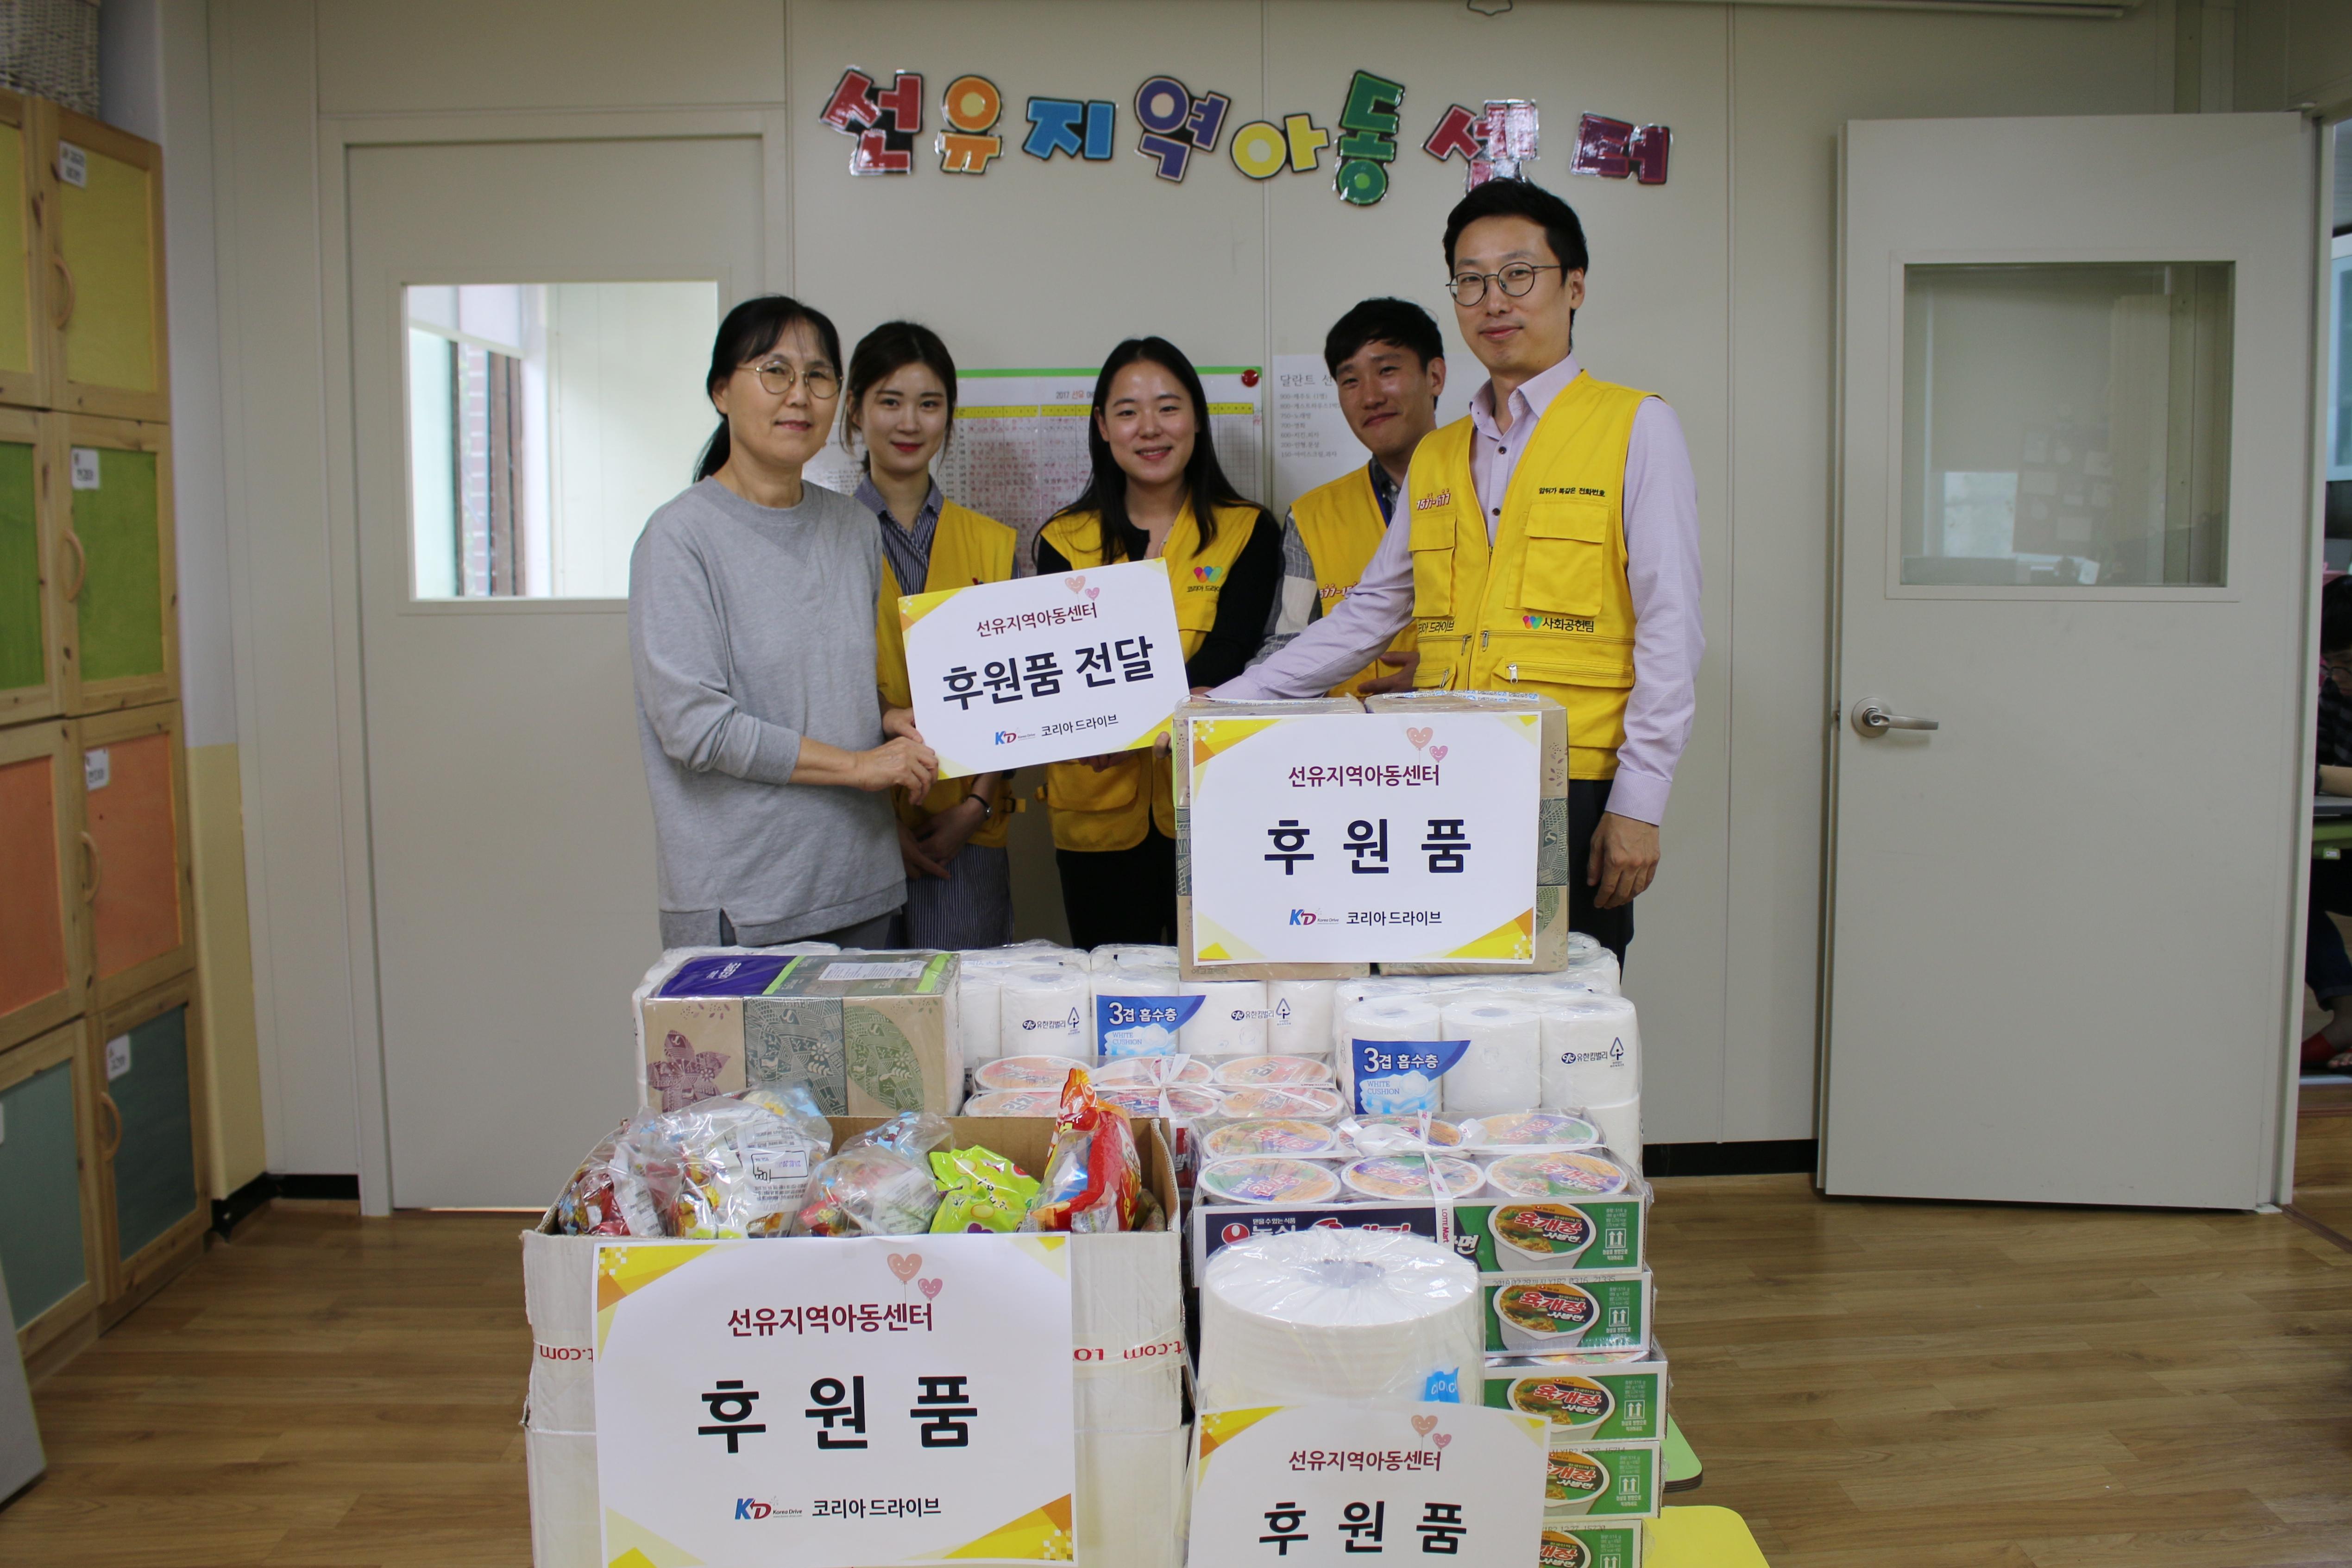 코리아드라이브, 일일카페 열어 아동센터 후원